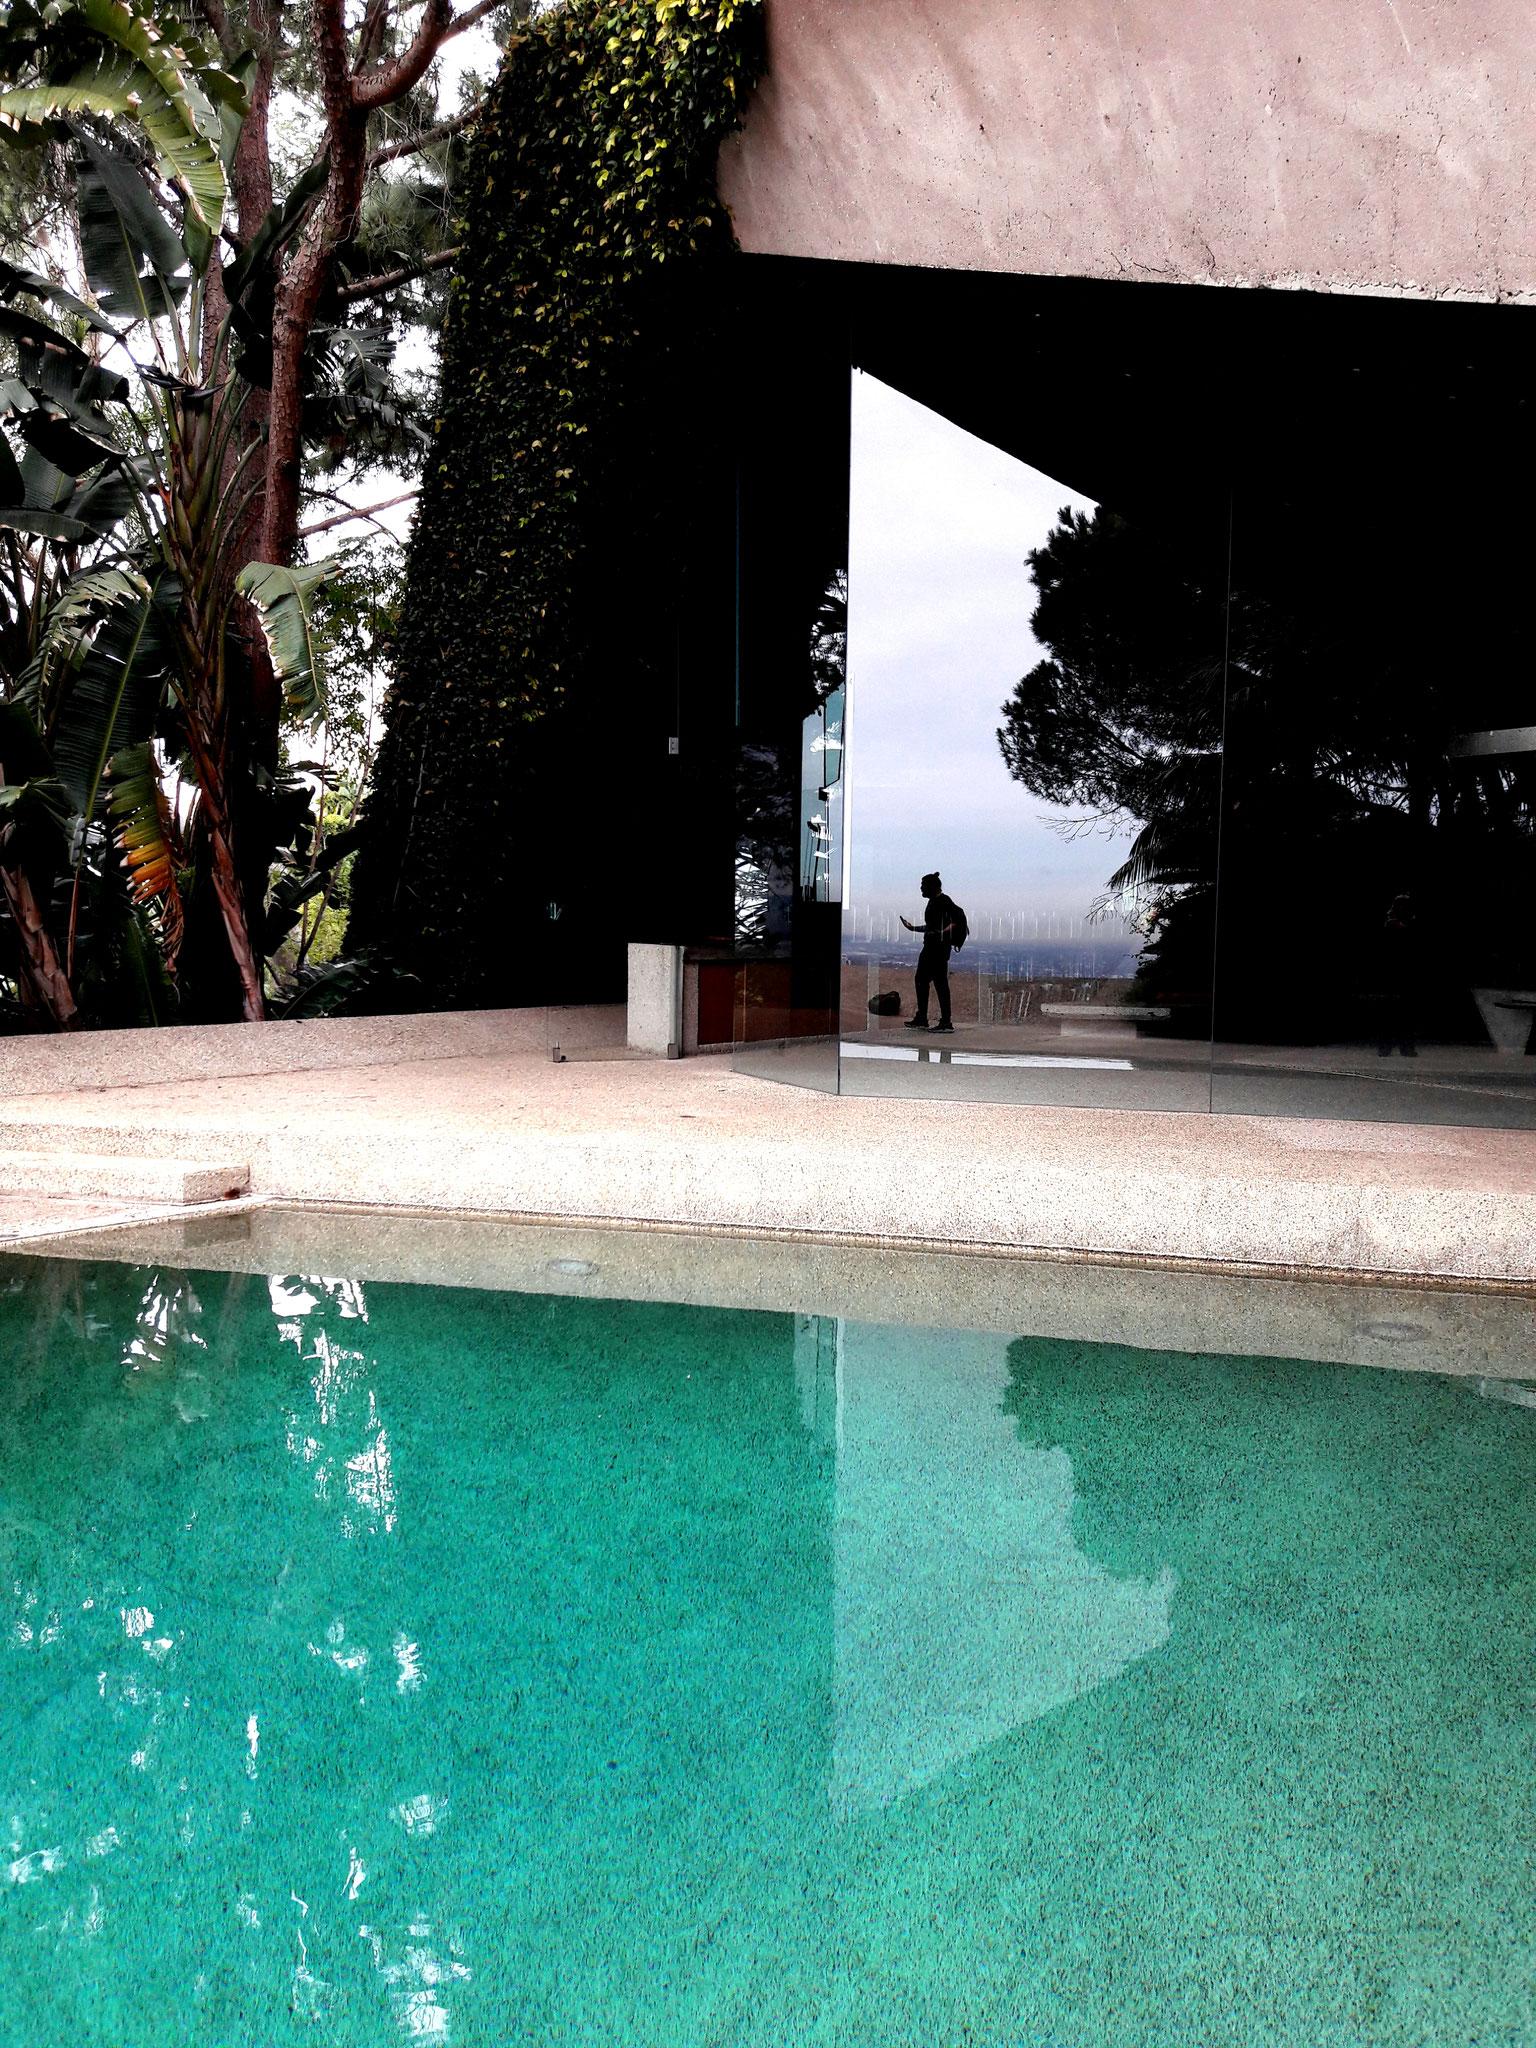 GOLDSTEIN HOUSE Goldstein House sur les hauteurs d'Hollywood surplombe cette magnifique maison d'un grand architecte moderne John Lautner ses propositions sont folles, arborées d'une jungle tropicale avec une vue impressionnante sur Los Angeles